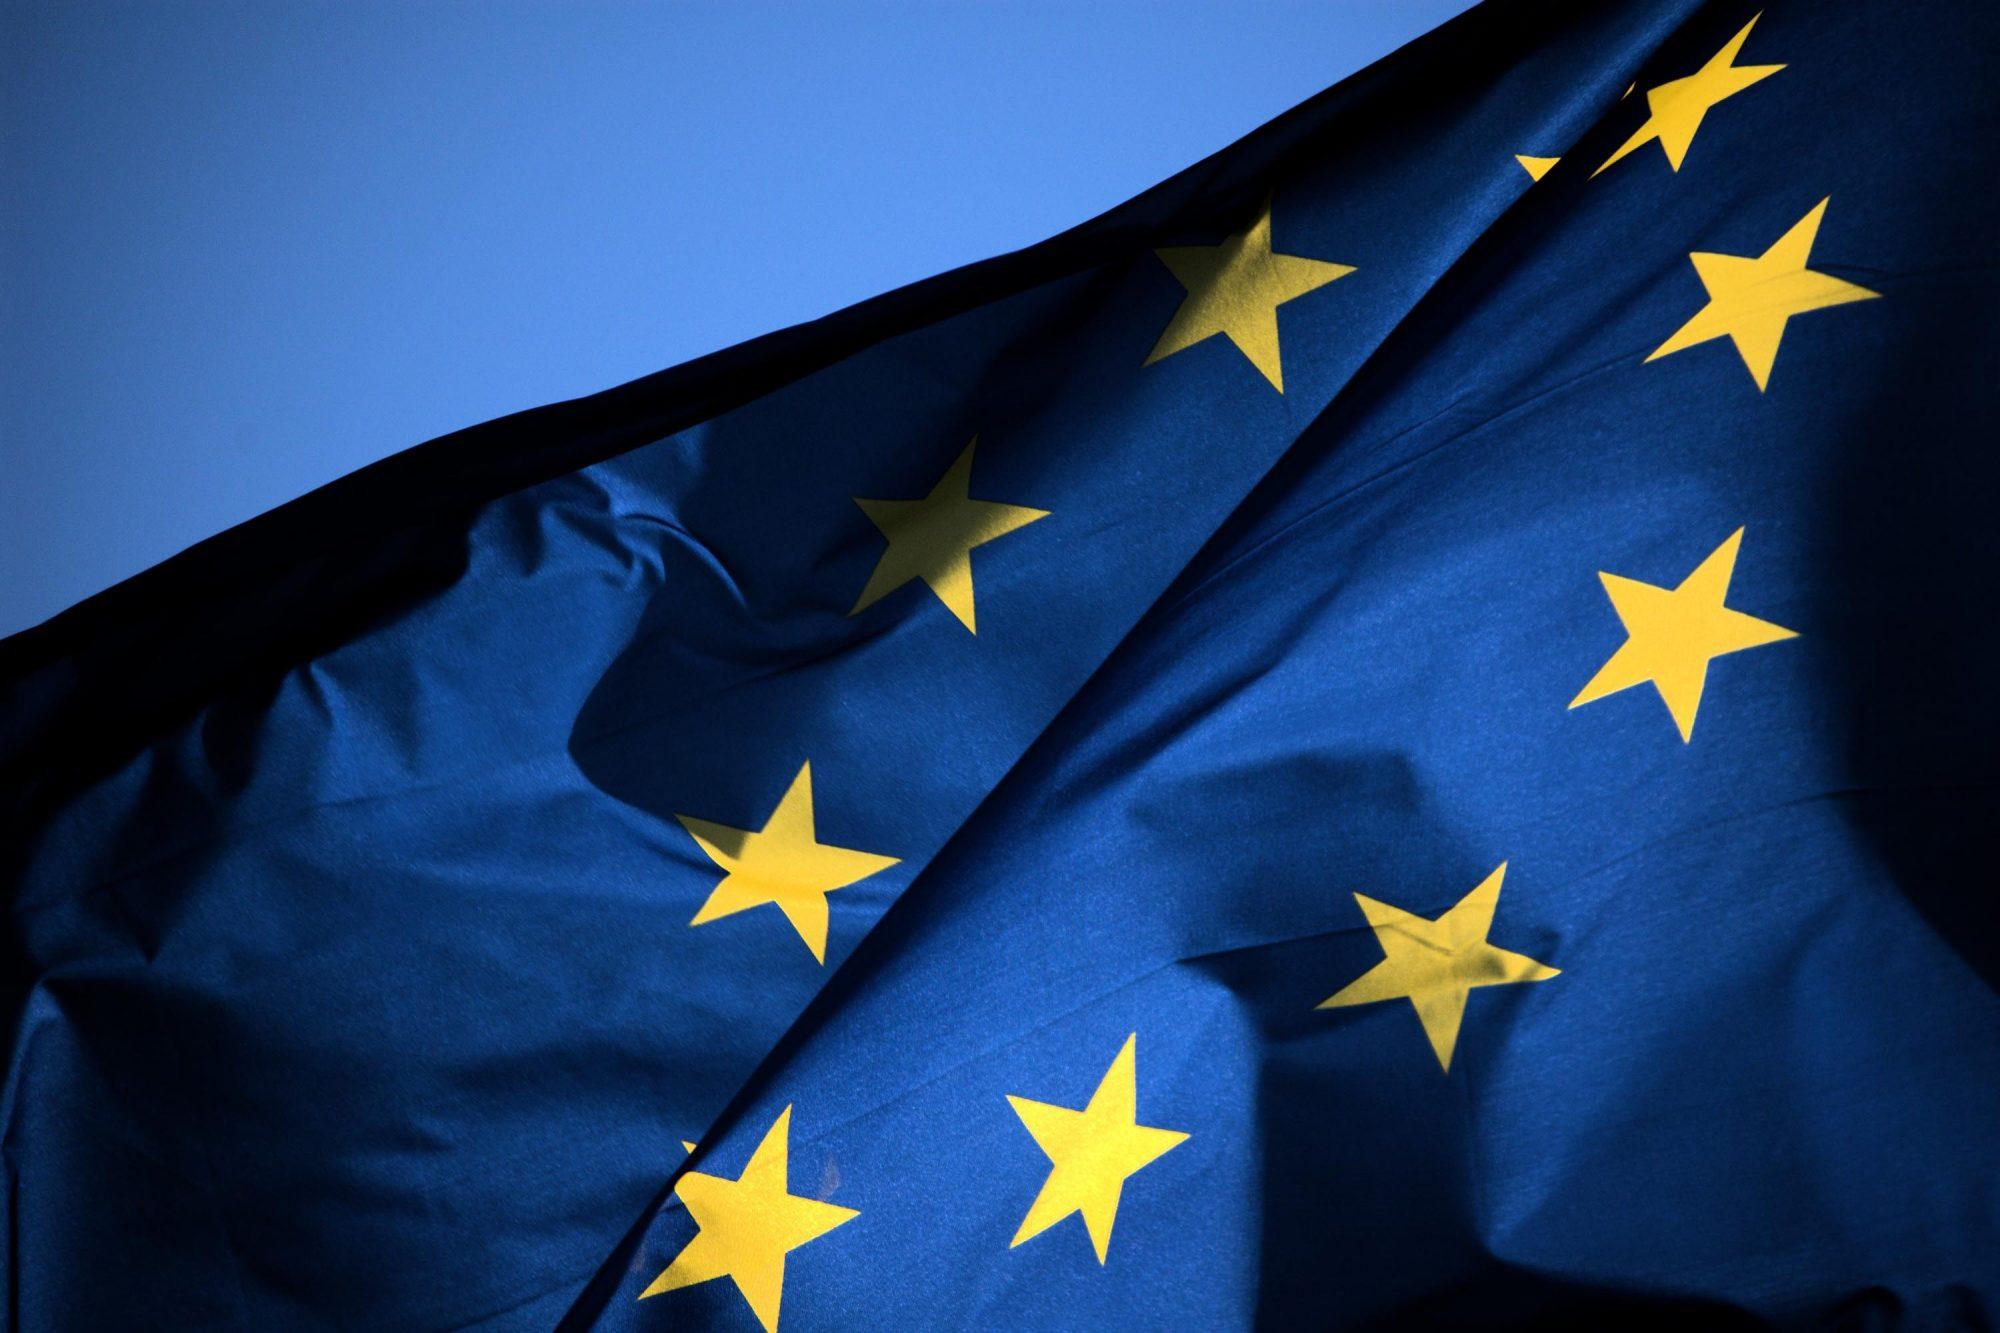 European Dissemination Media Agency Ltd